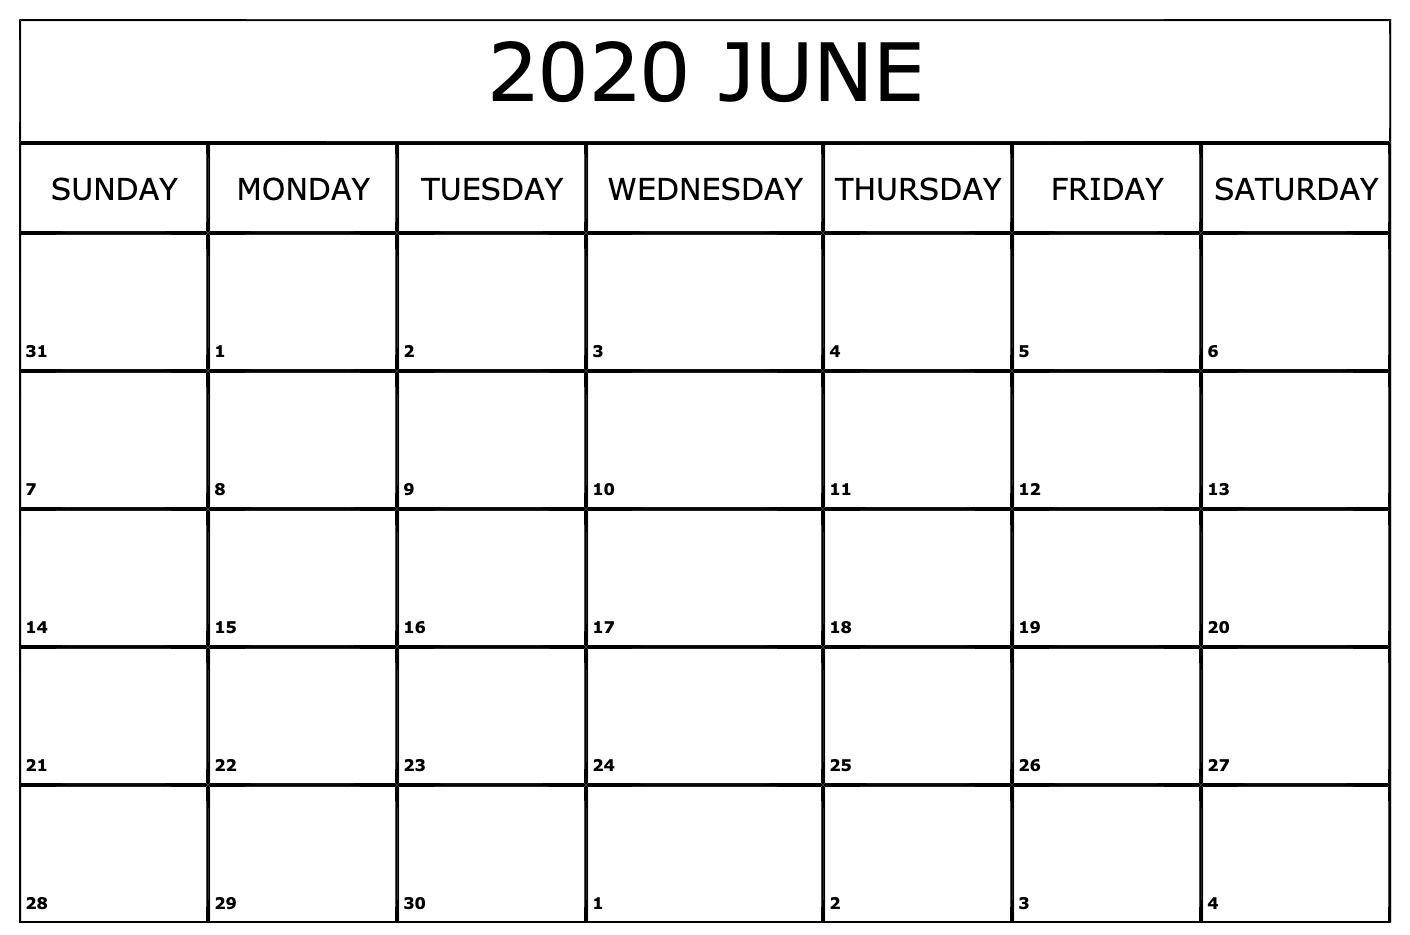 Free Printable June Calendar 2020